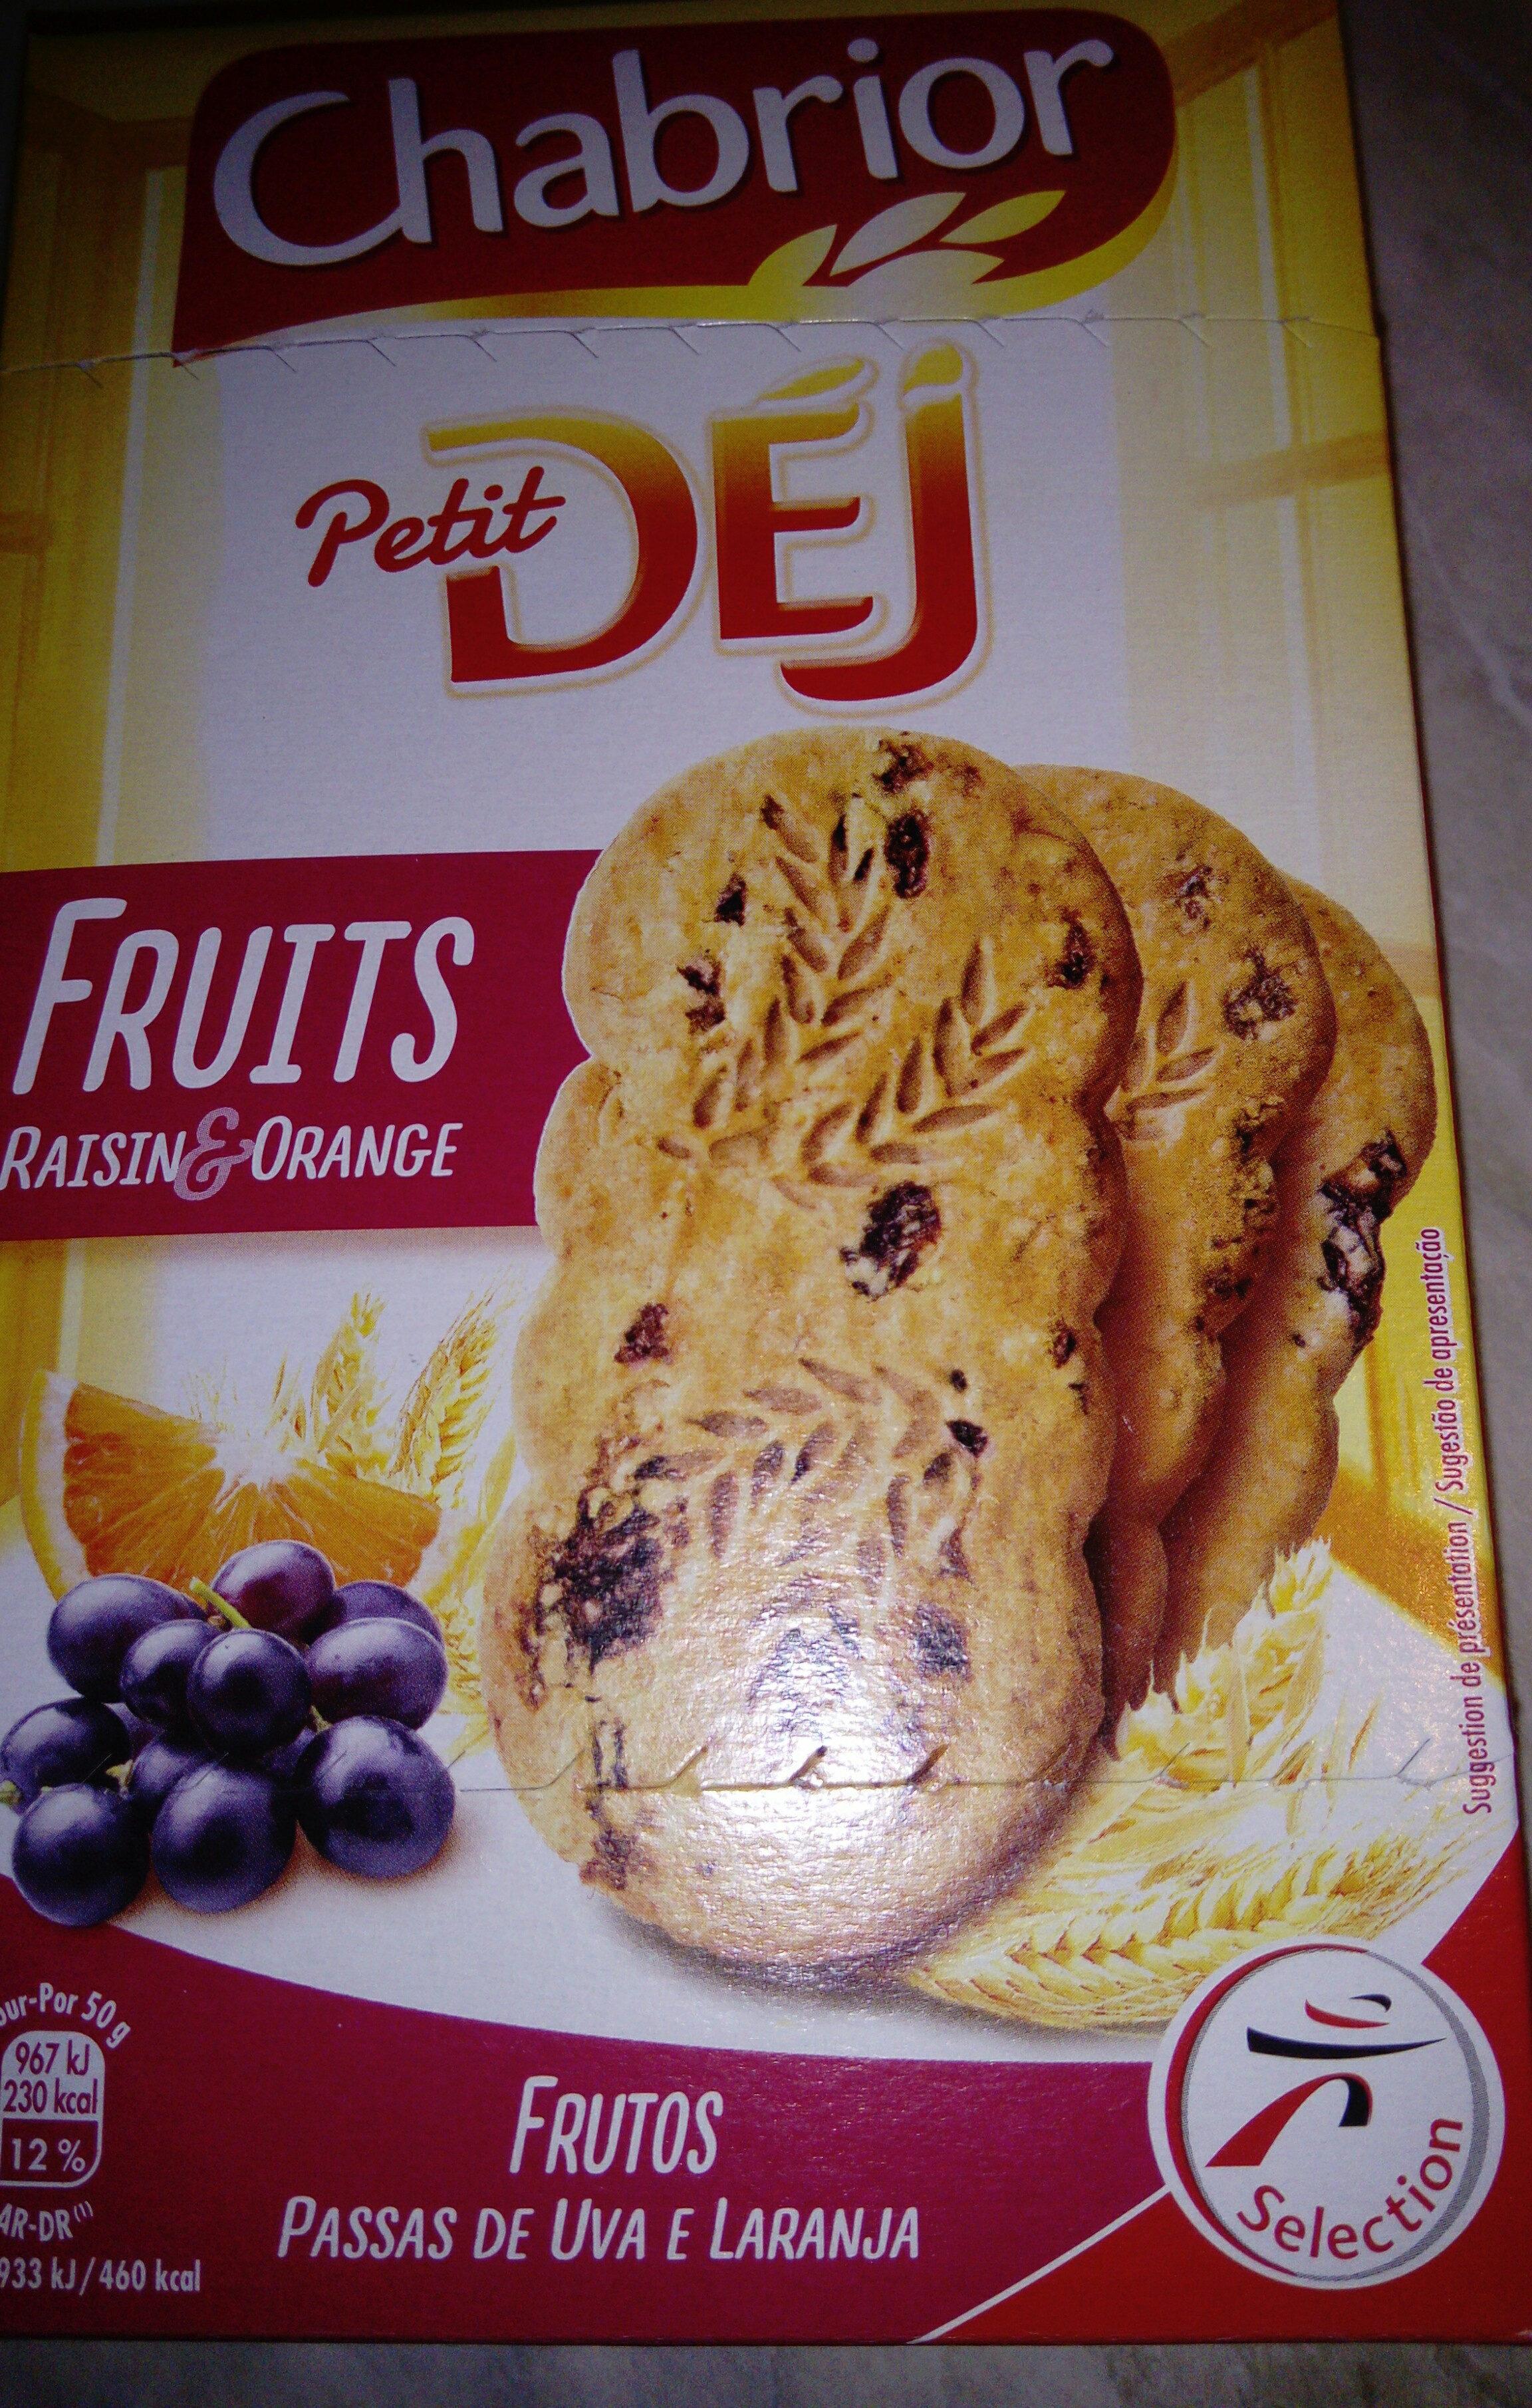 Petit dej matin gourmand - Product - fr